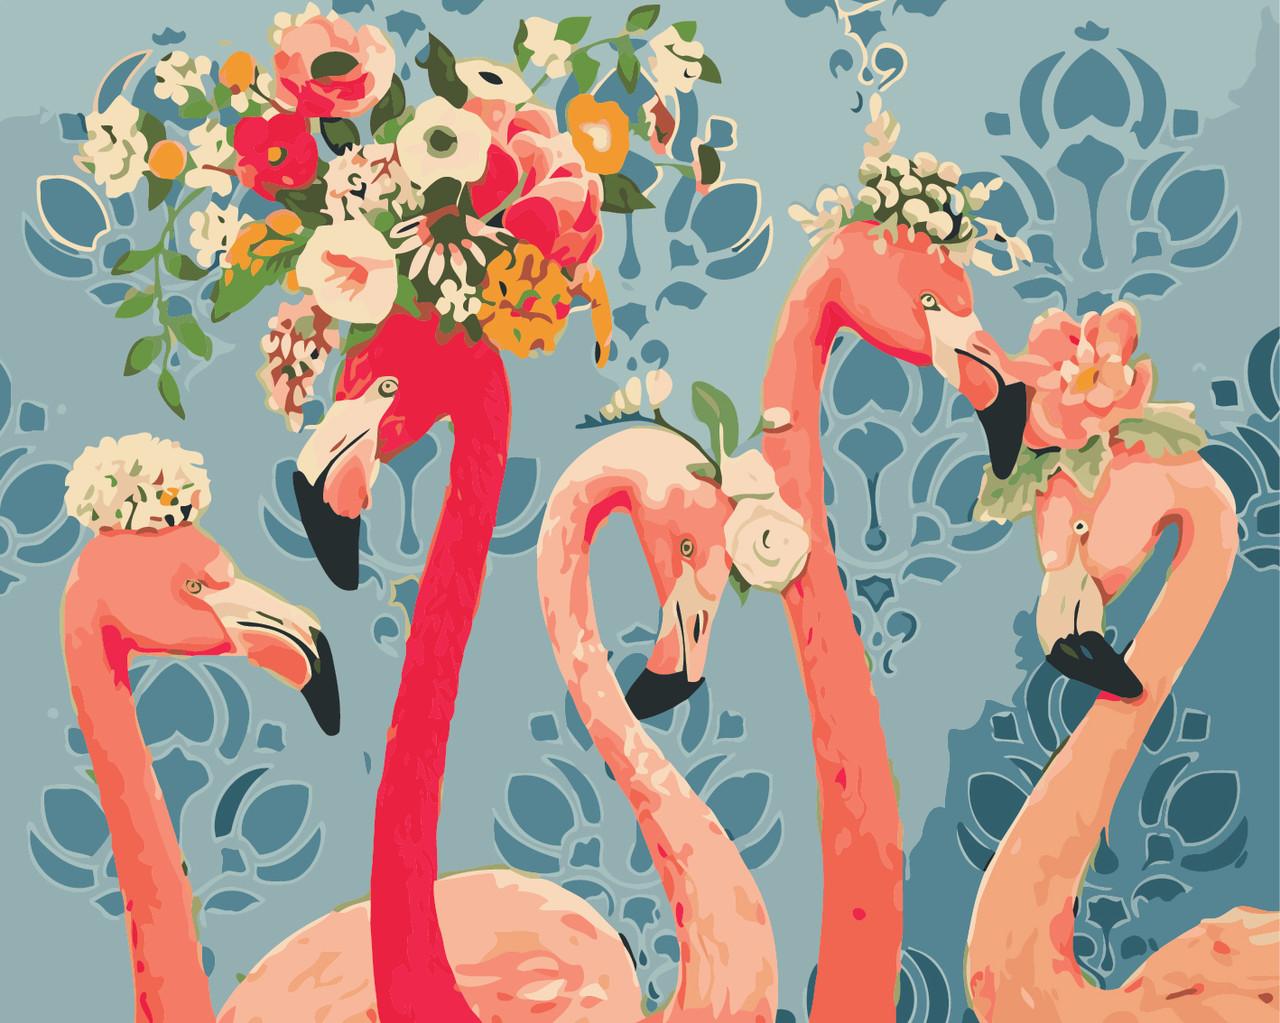 Художественный творческий набор, картина по номерам Красотки фламинго, 50x40 см, «Art Story» (AS0408)